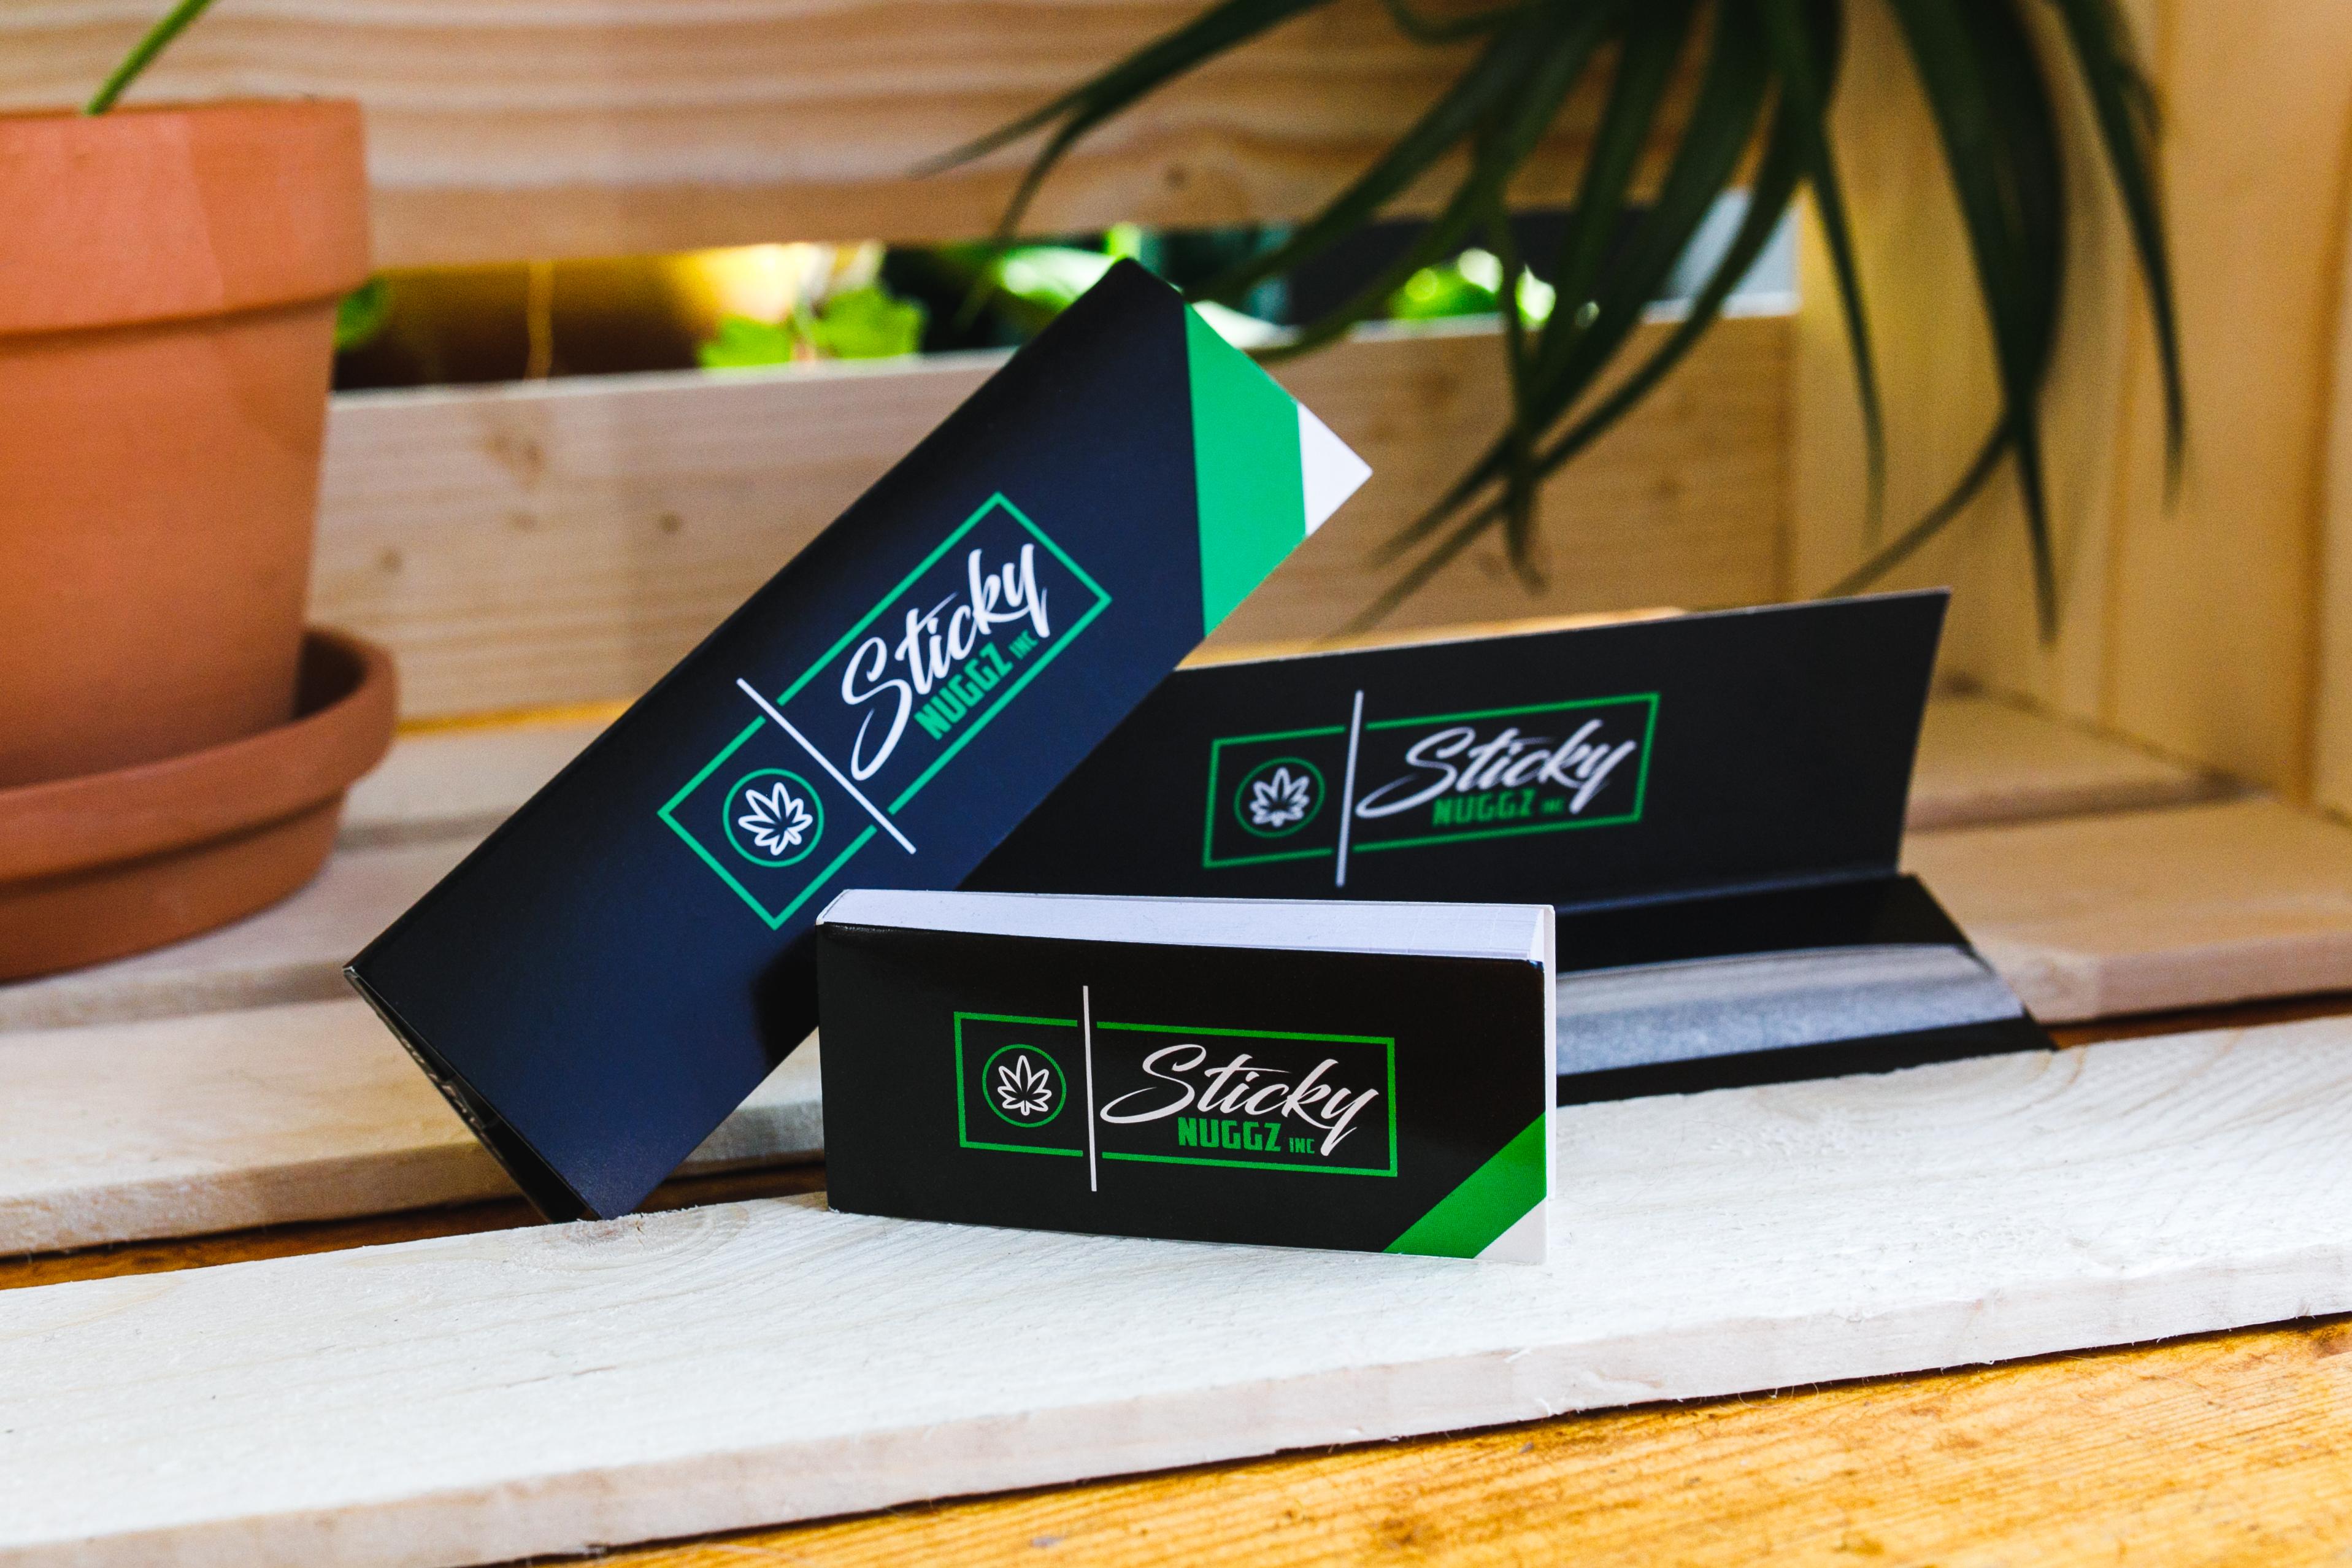 Sticky Nuggz Inc